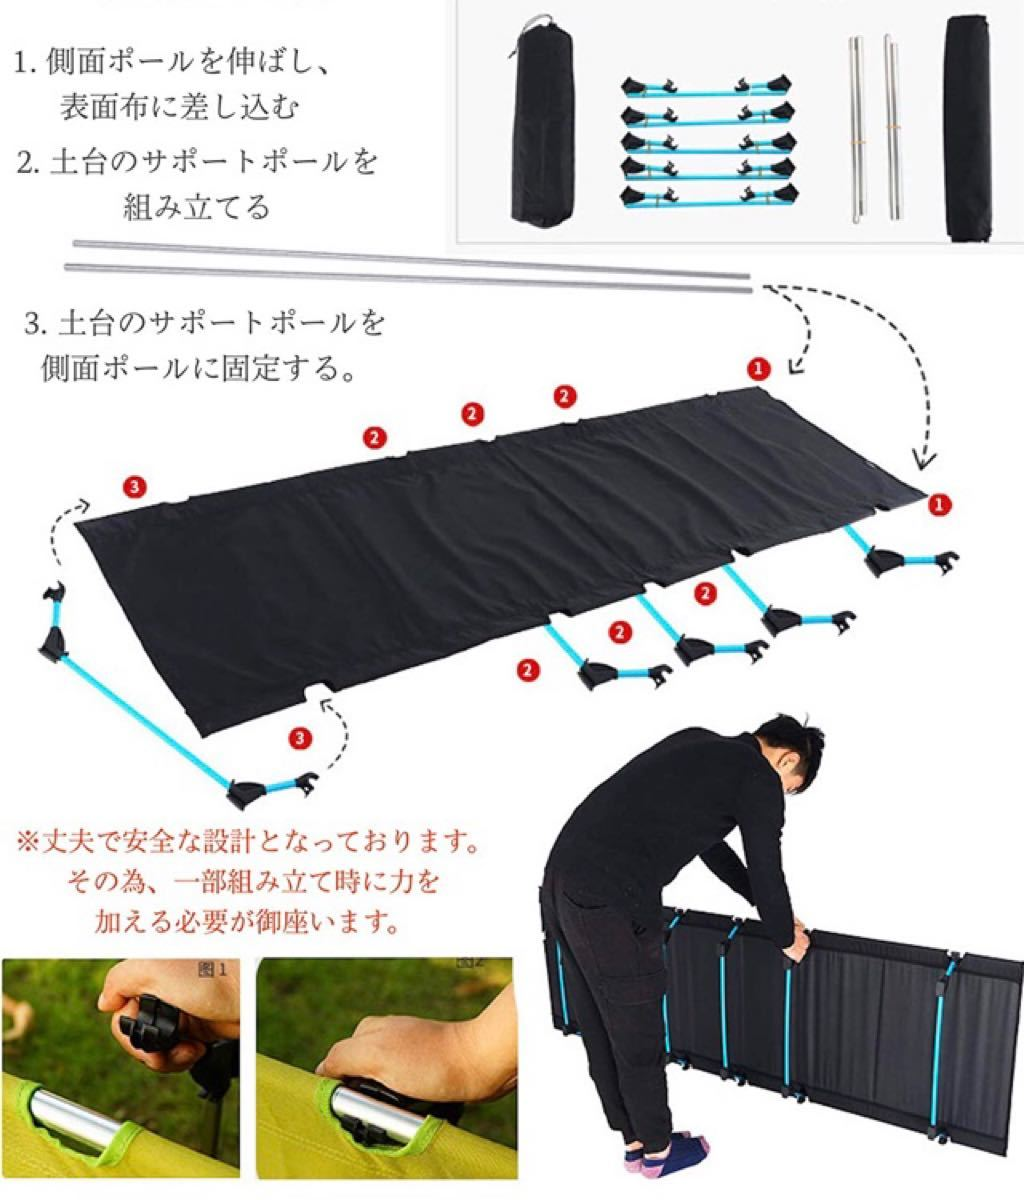 値下げ 新品 コット キャンプ ベッド アウトドアベッド 簡易ベッド 軽量 コンパクト 黒 カーキ グレー 黄緑 アウトドア